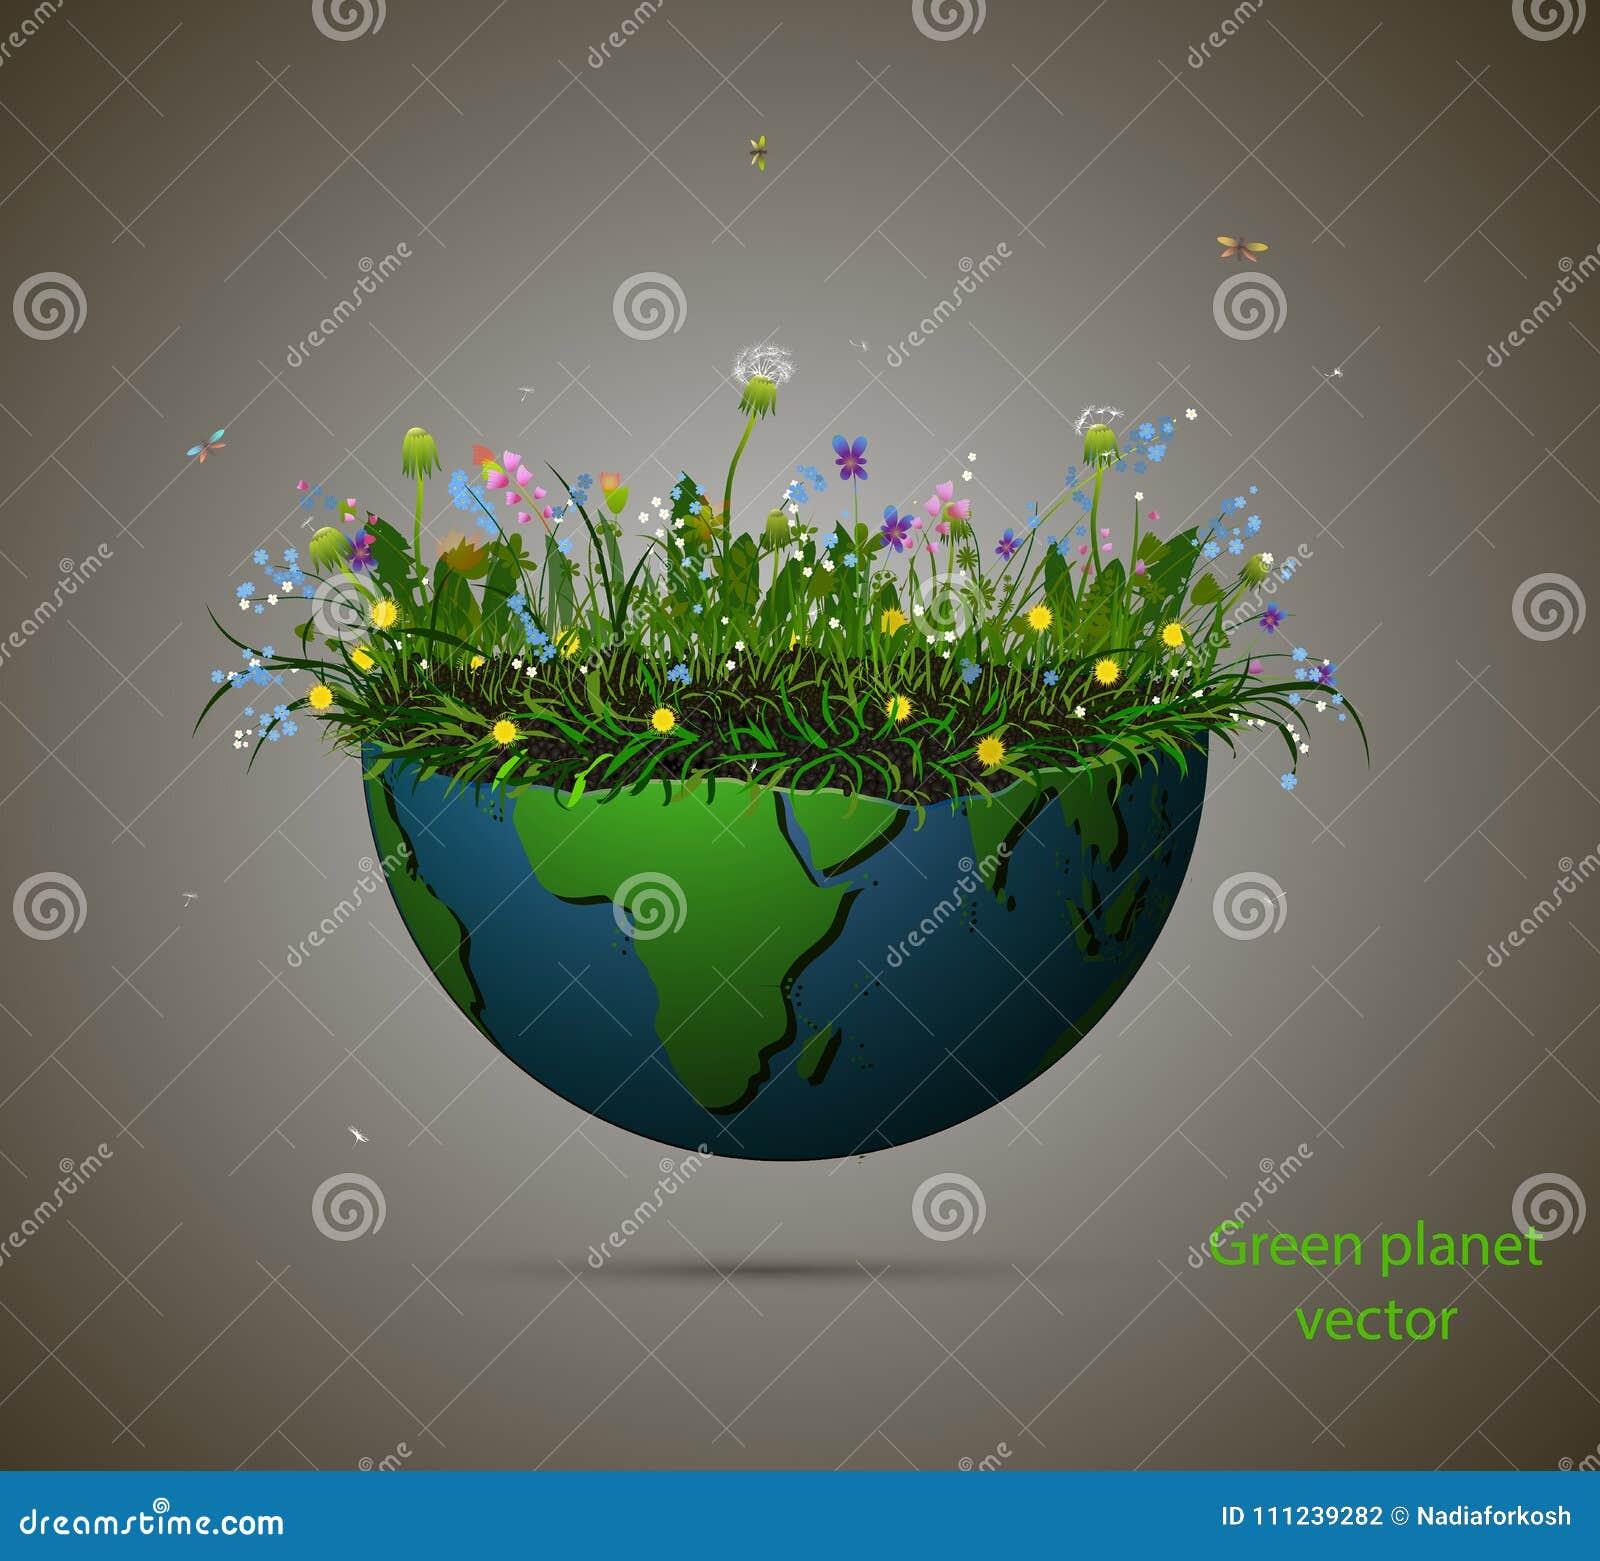 充分行星地球片断生长夏天花、开花的行星被隔绝的和文本绿色行星,绿色行星